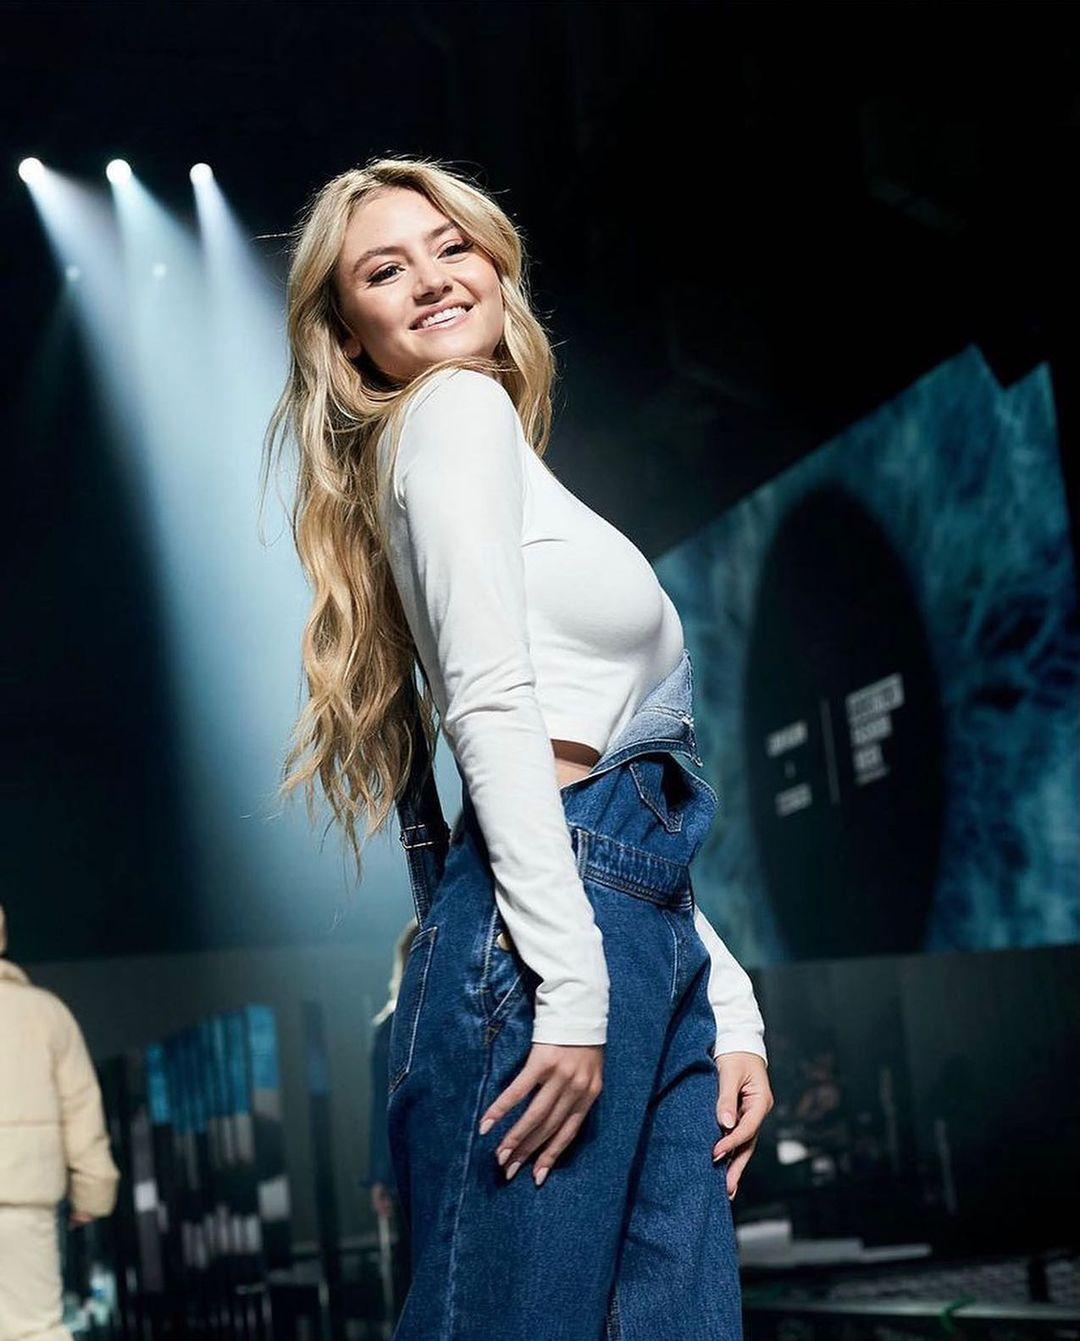 По маминым стопам: Дочка Хайди Клум презентовала собственную коллекцию одежды и сама поучаствовала в показе-Фото 3